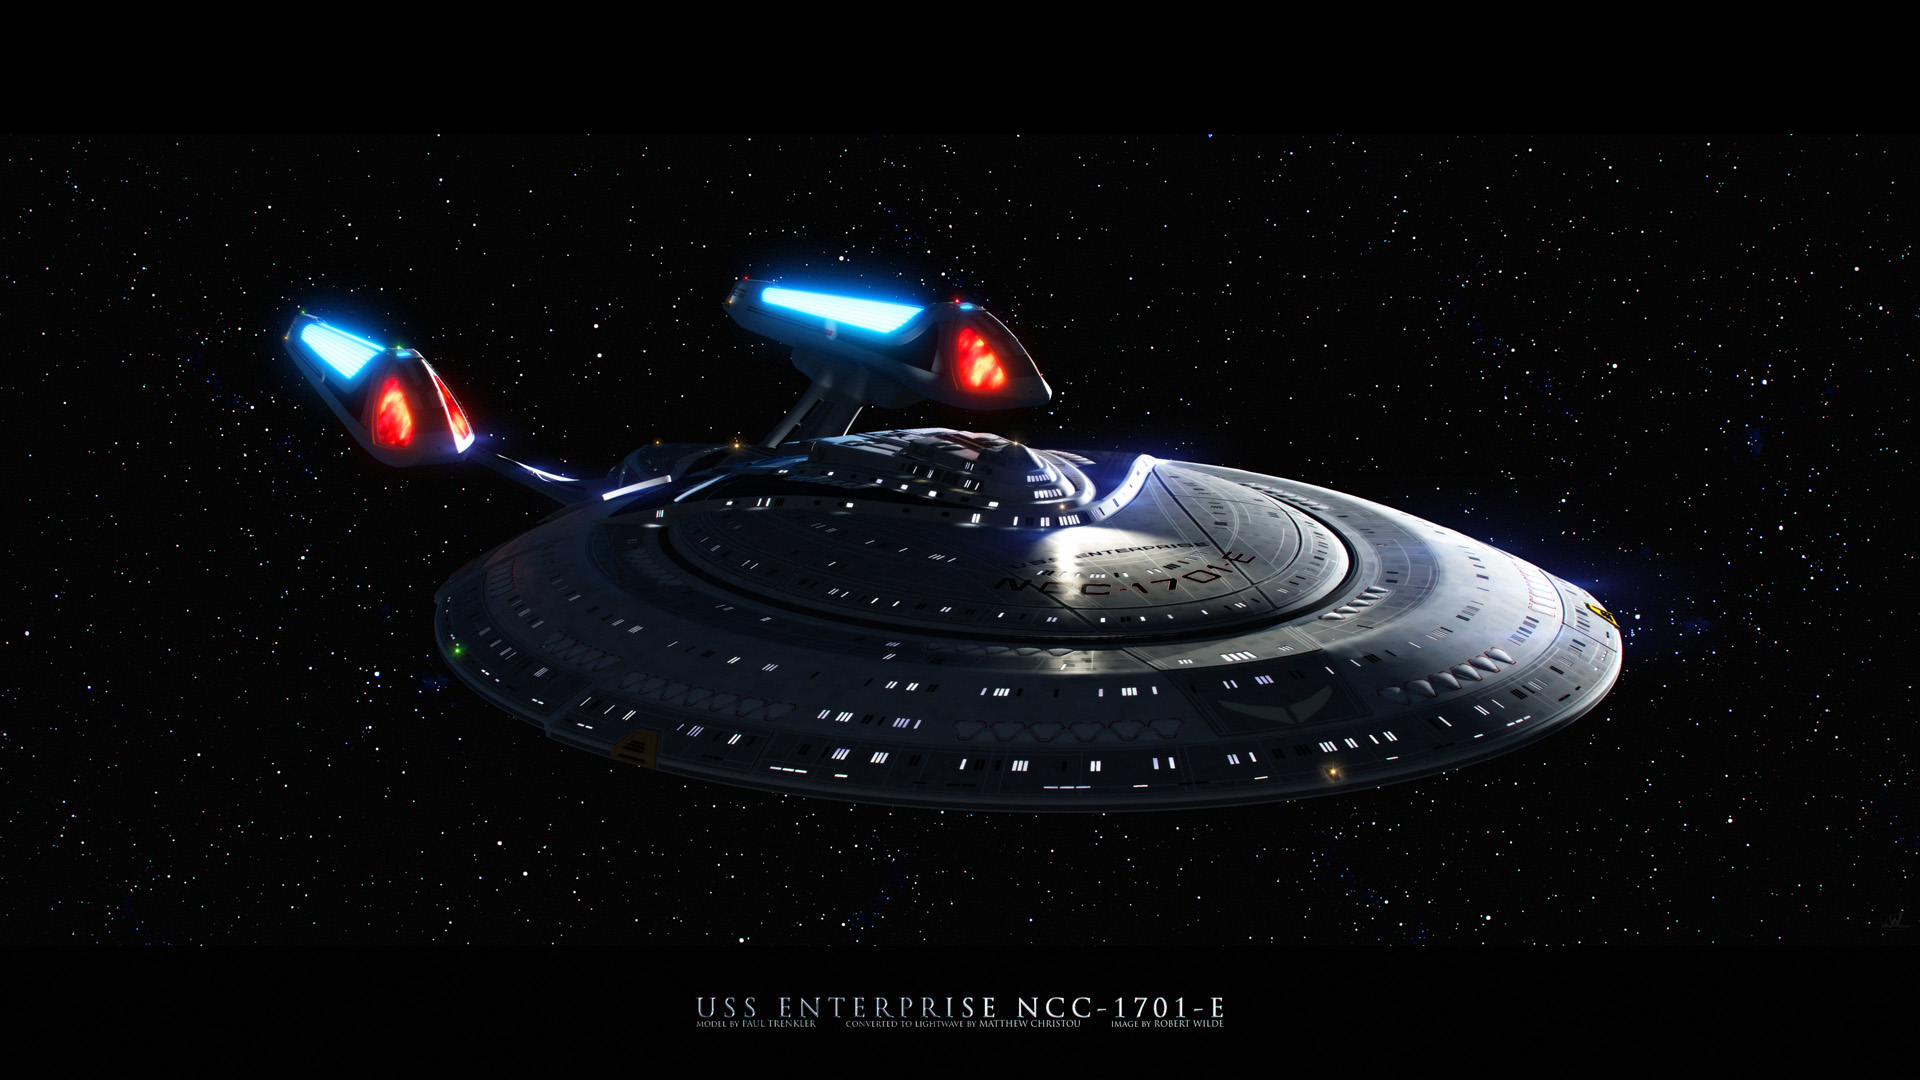 Star Trek Enterprise E wallpaper 116133 1920x1080